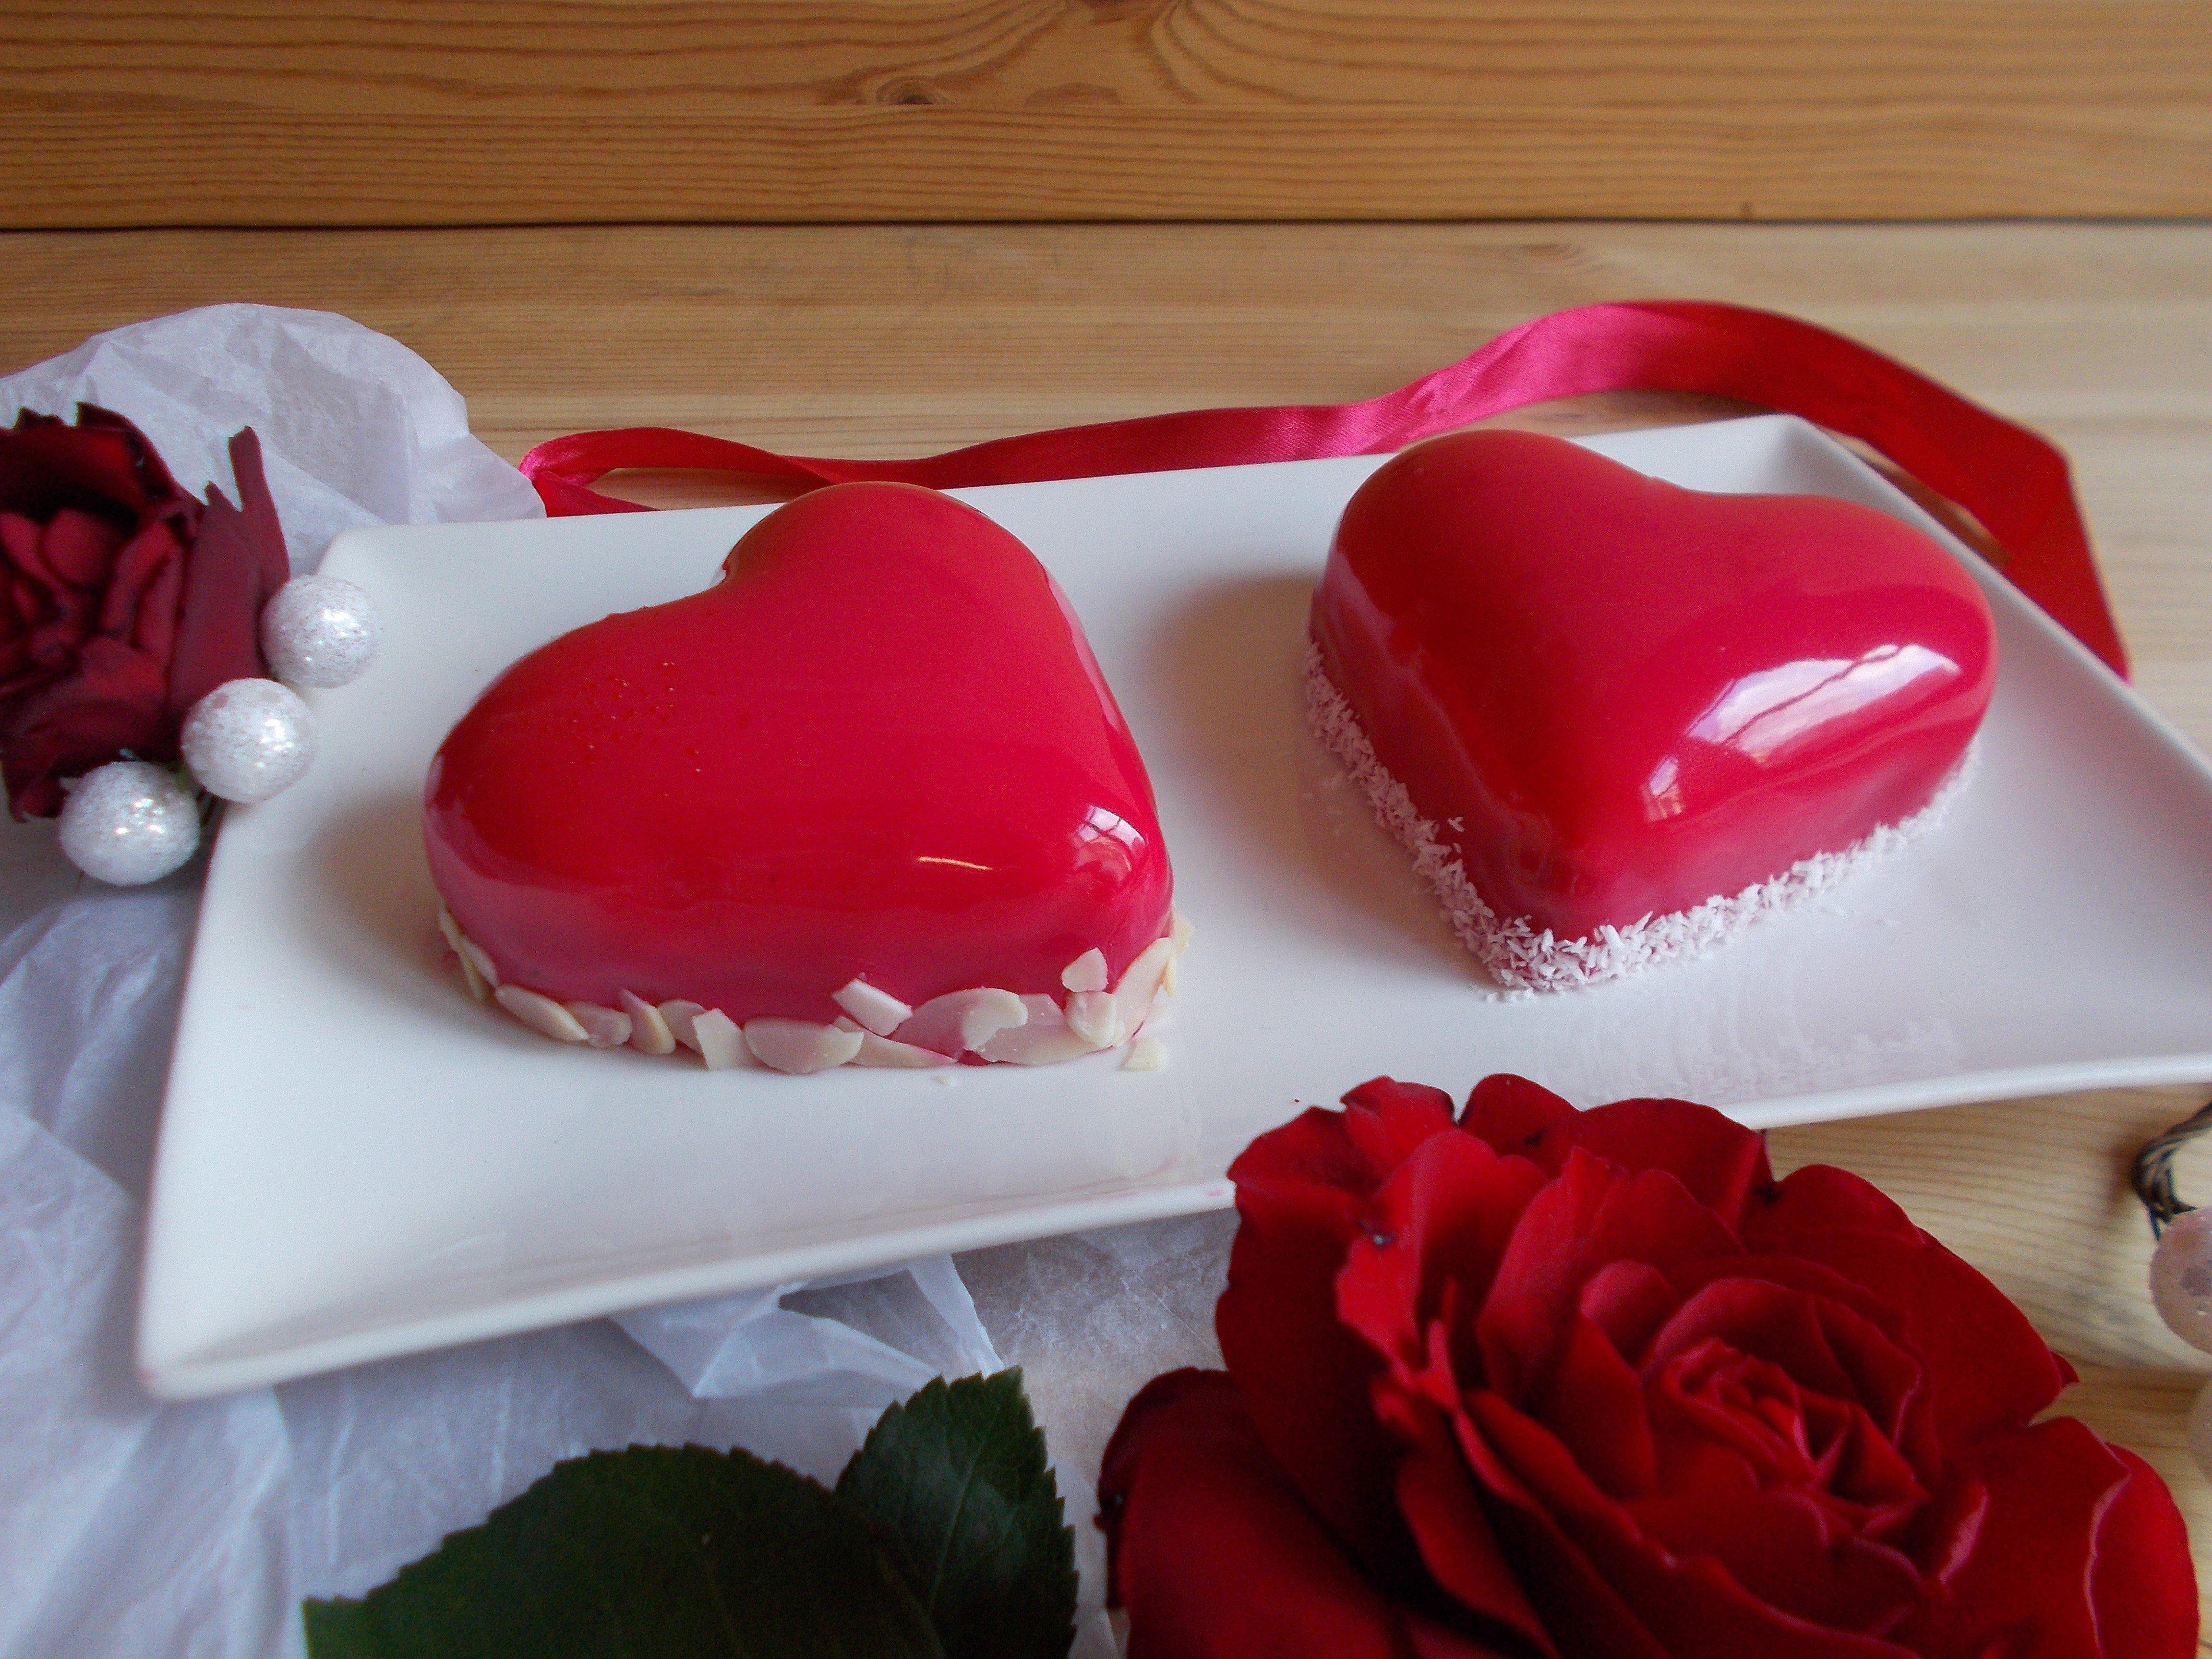 Coeur d 39 amour pour la st valentin nougat fruit rouge et amande toque de choc - Ceour d amour ...